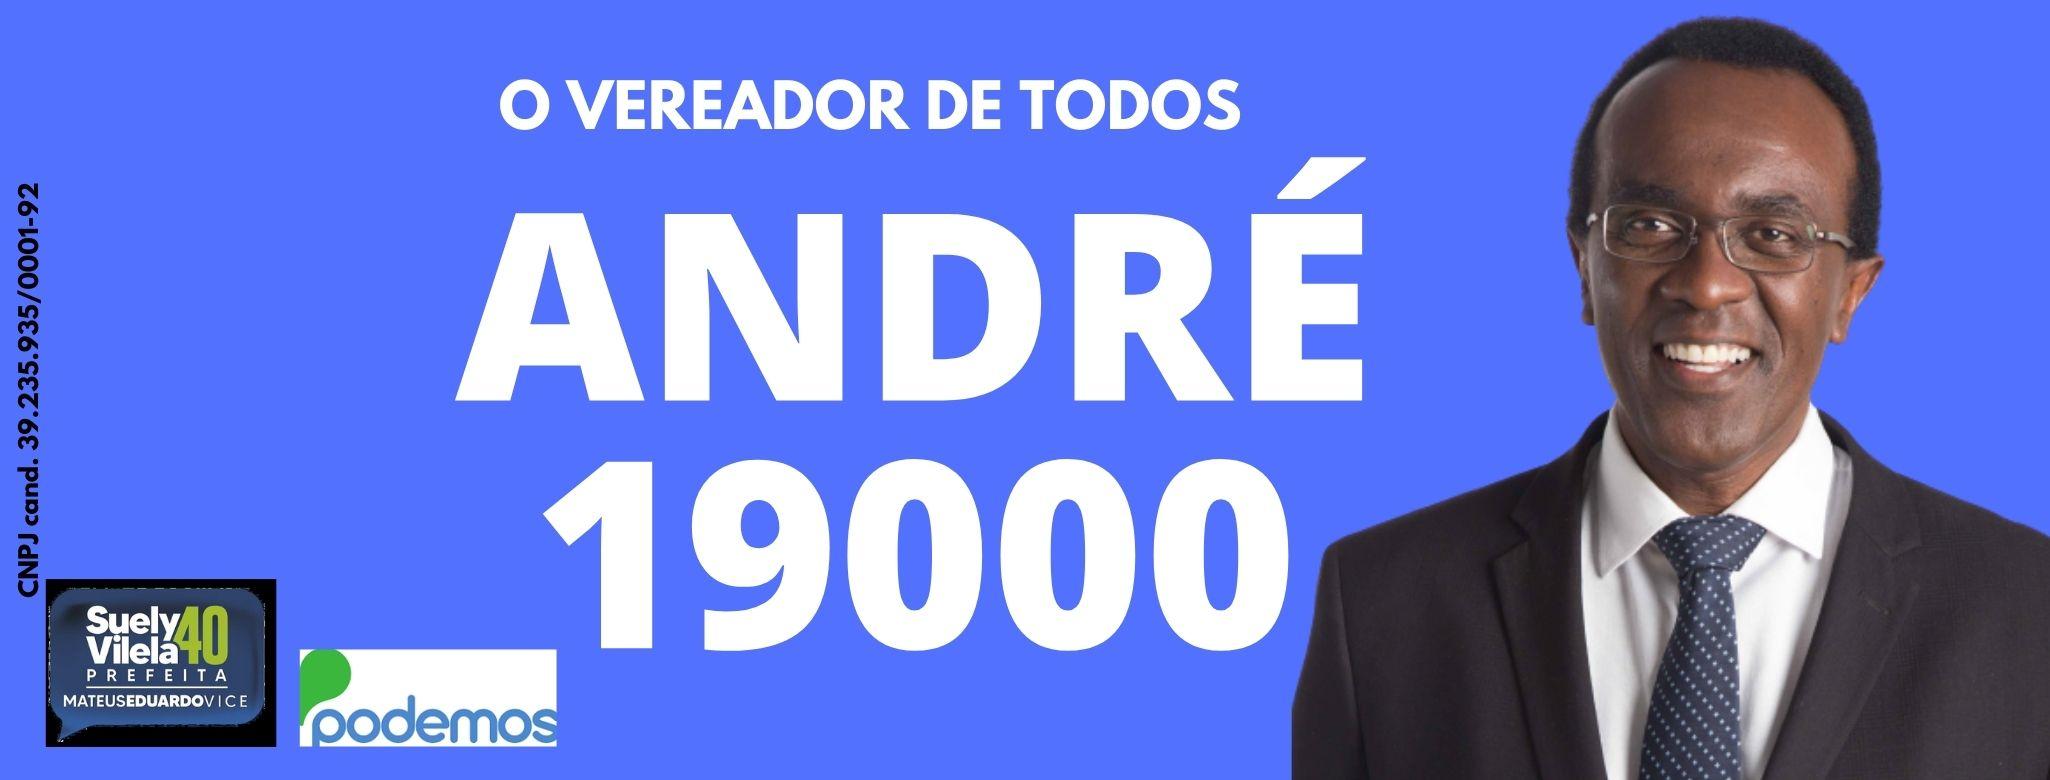 André Luiz da Silva